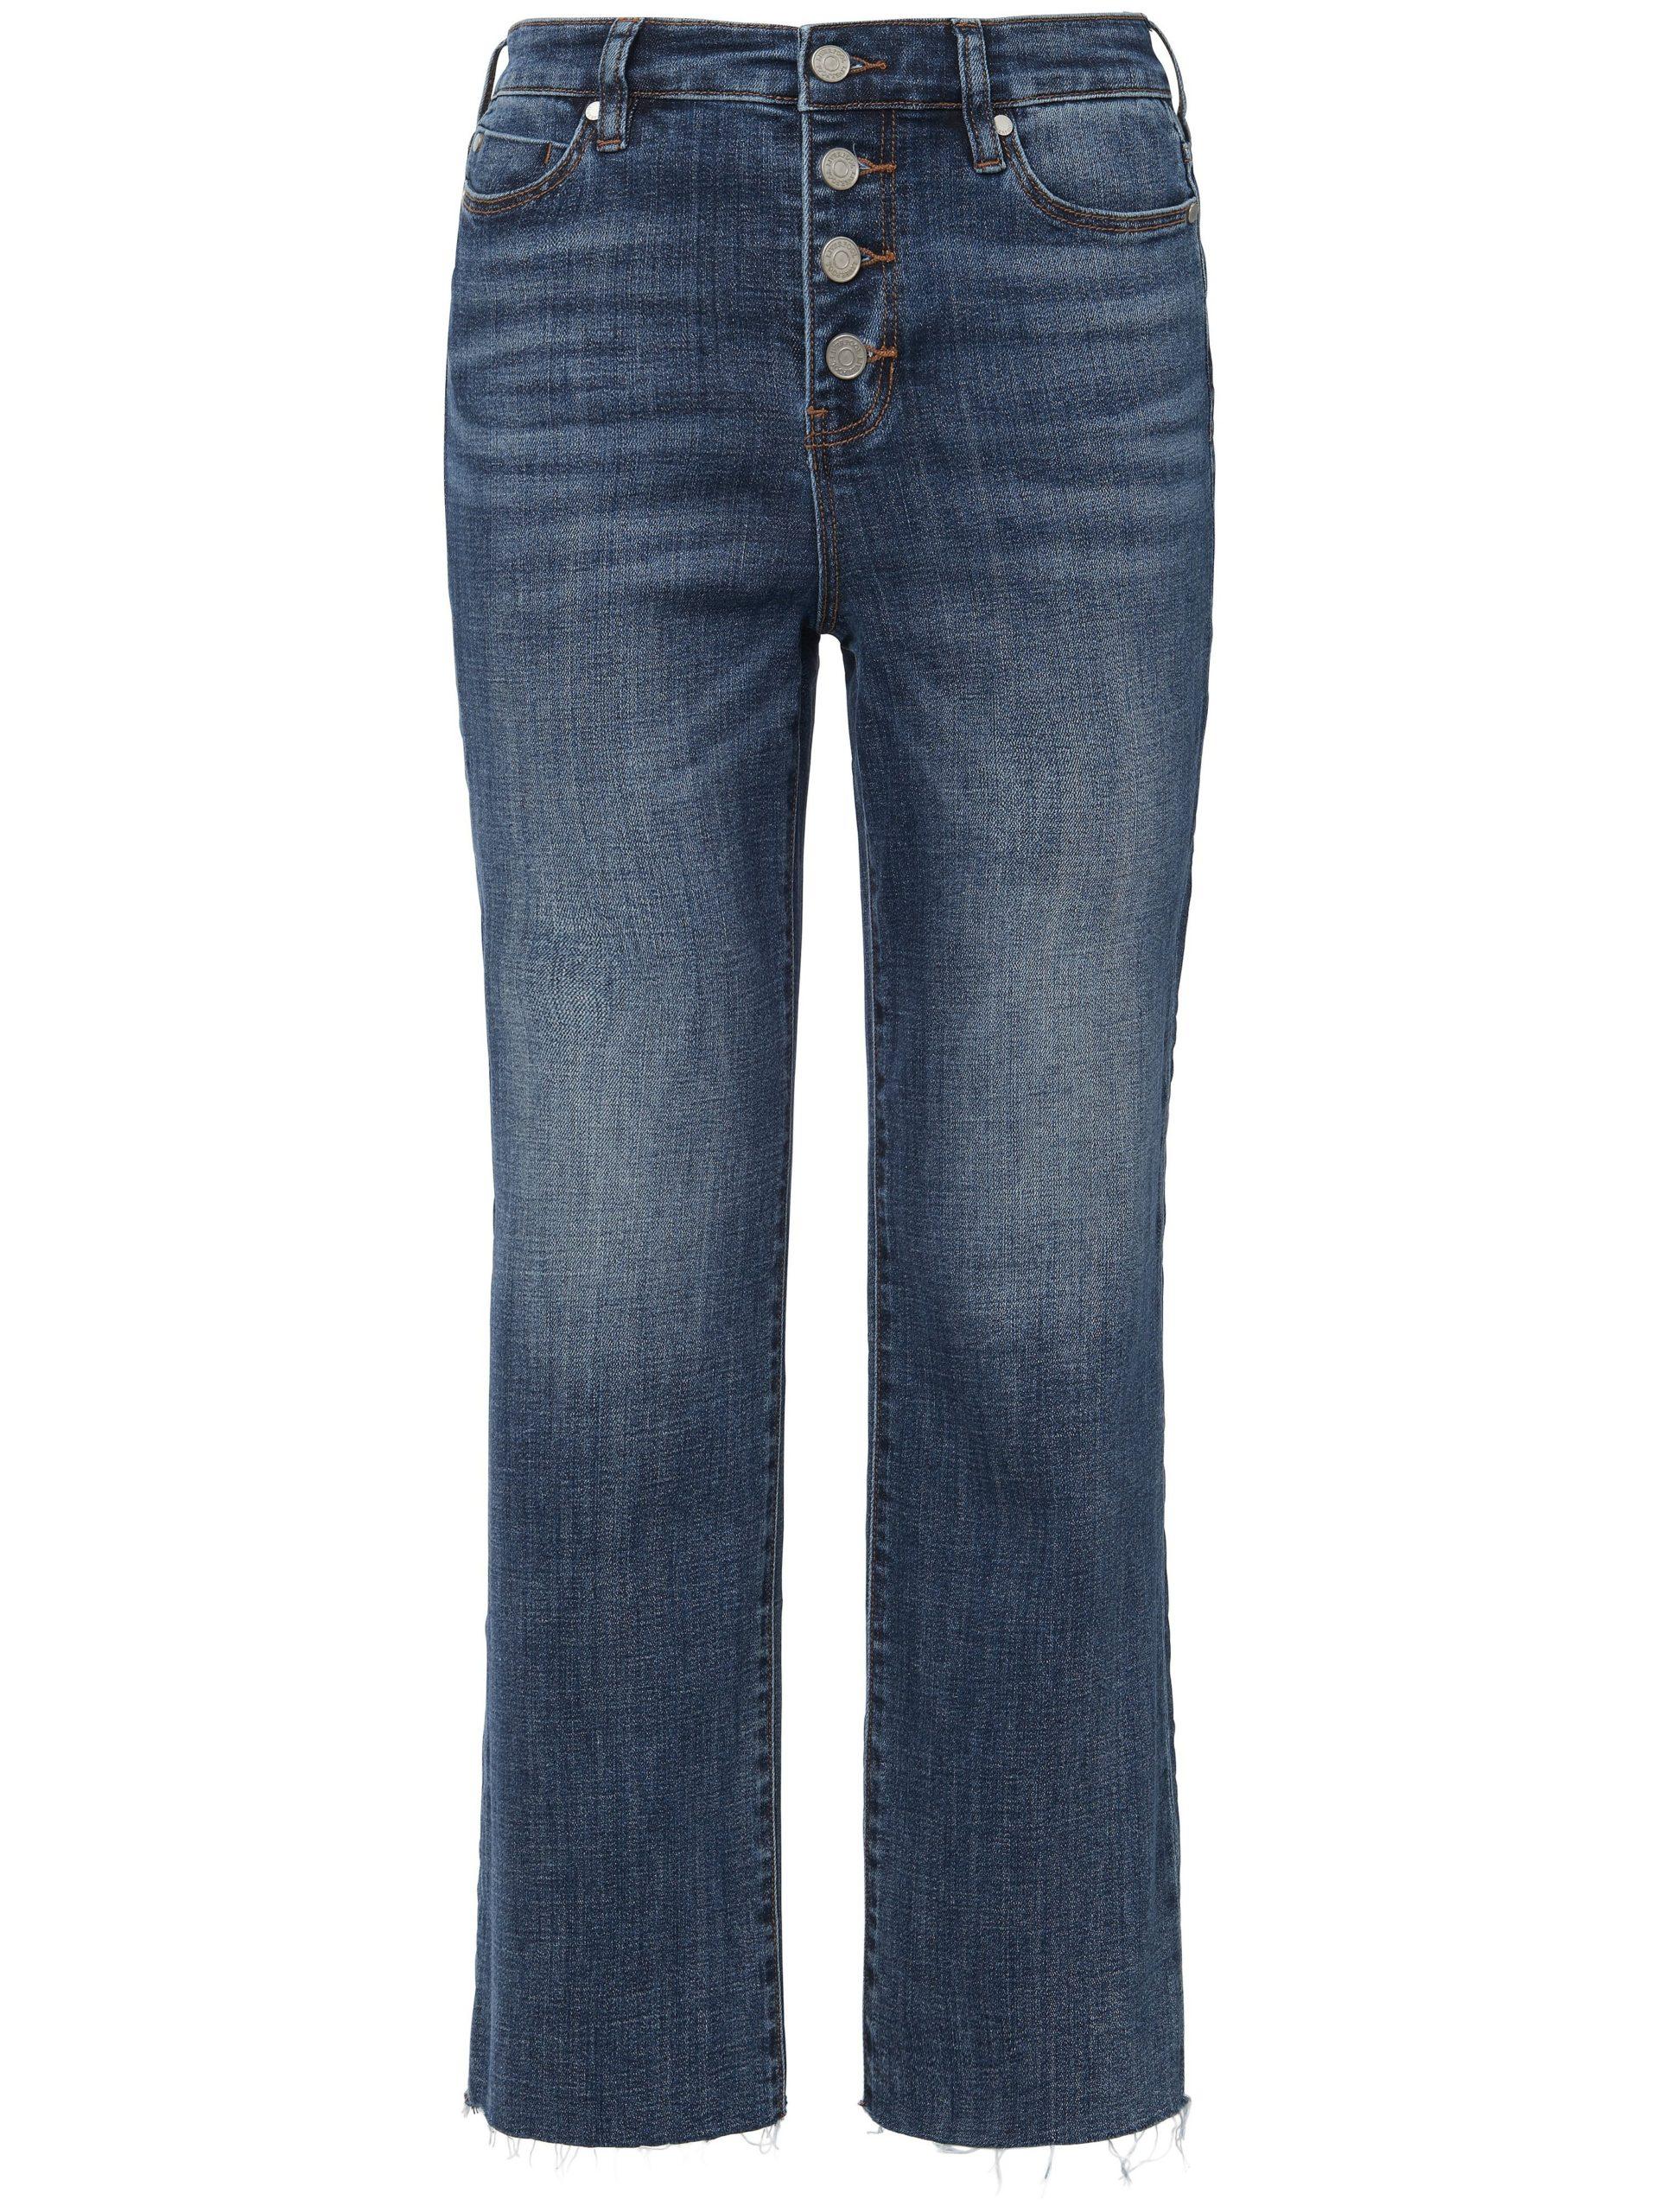 7/8-jeans in five-pocketsmodel met knoopsluiting Van LIVERPOOL denim Kopen